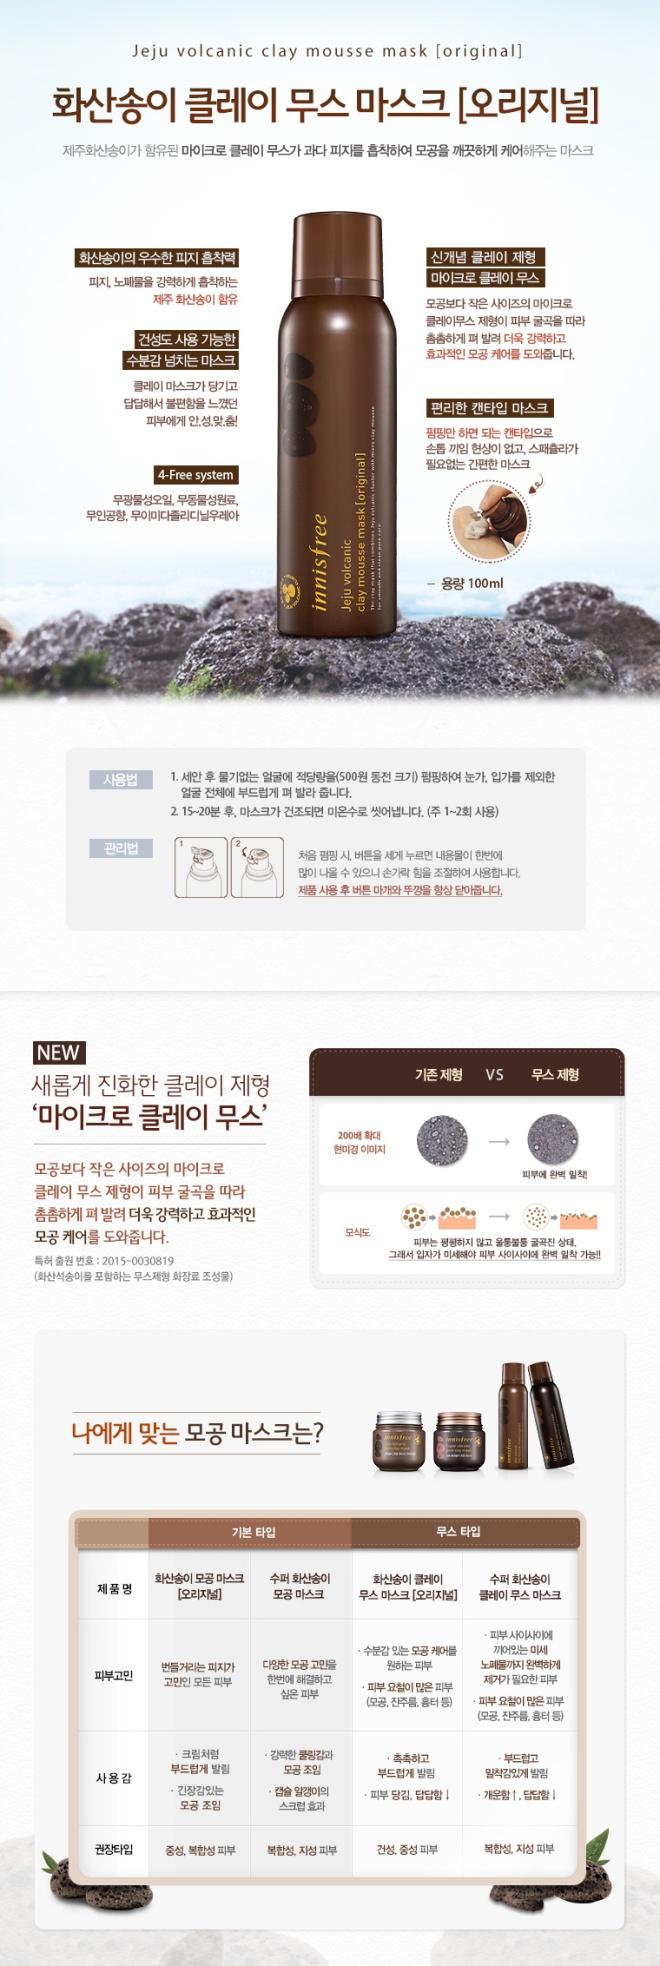 Credit: Innisfree Korea website